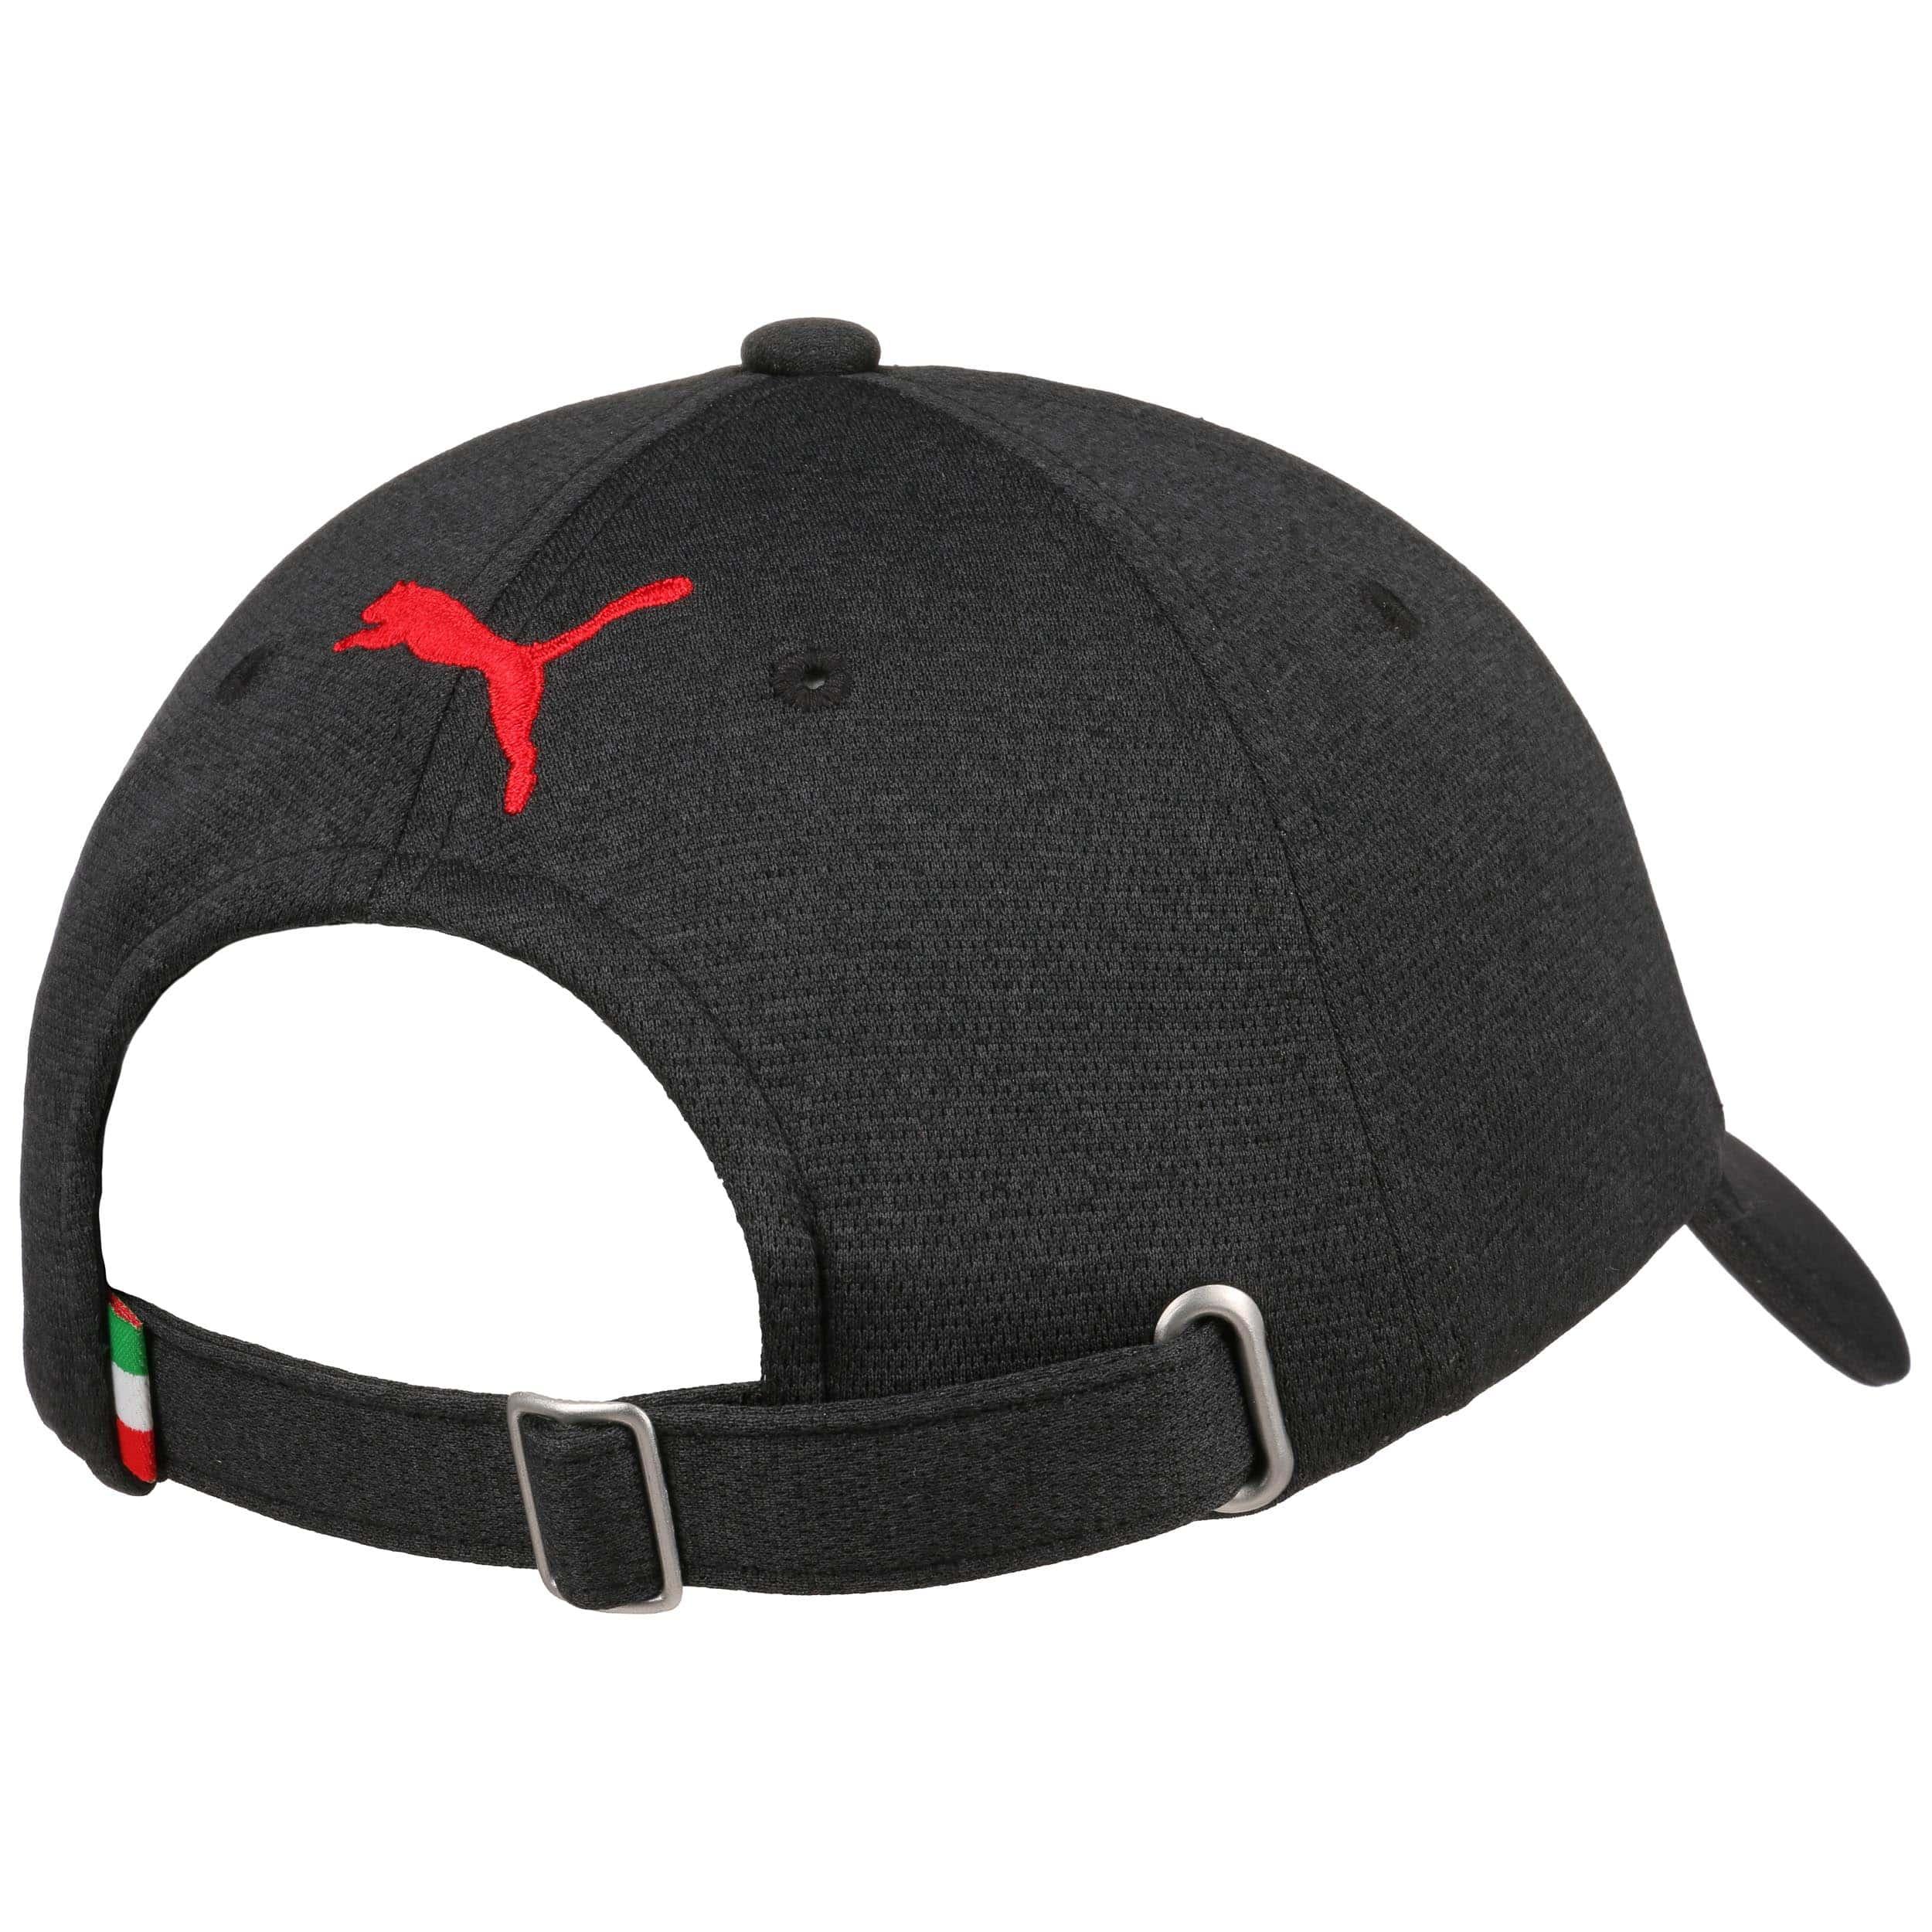 ... Cappellino Scuderia Ferrari Fanwear by PUMA - nero 3 ... c0c19ea7269b